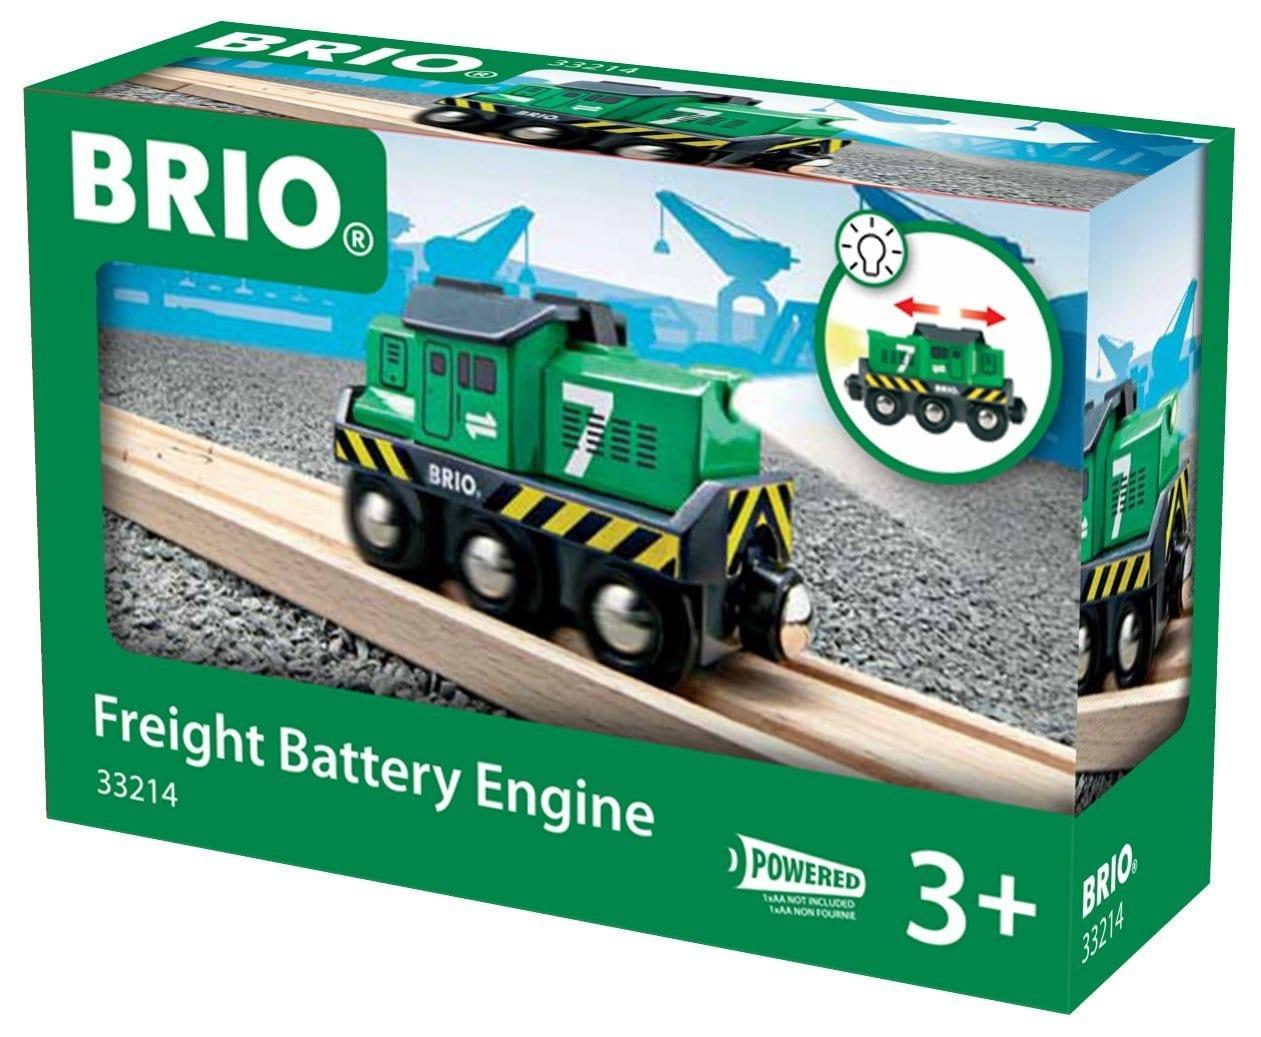 15770בריו קטר ירוק על סוללות BRIO 33214